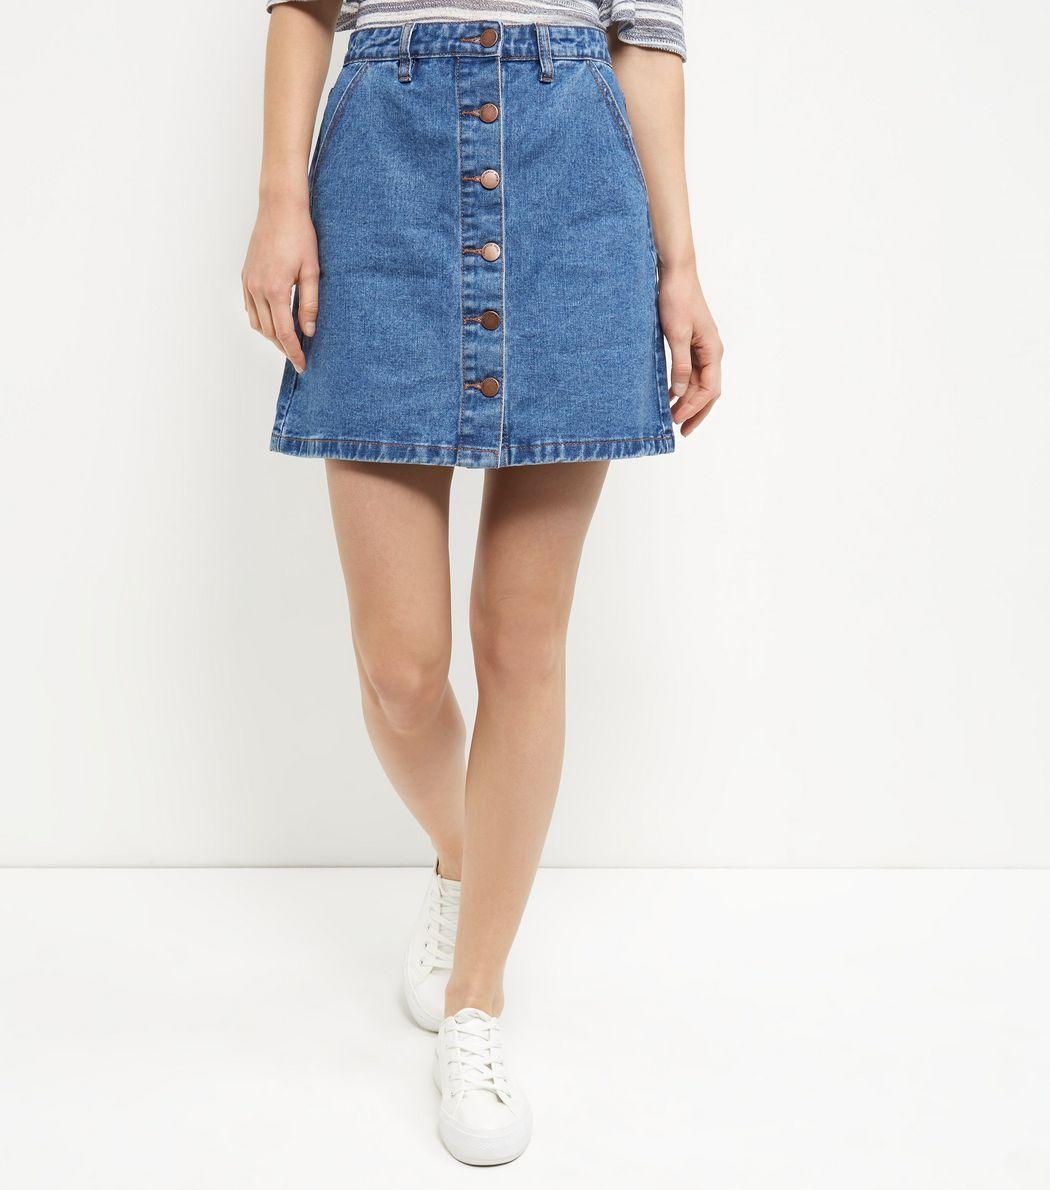 Jupe trapèze en jean bleue boutonnée à l'avant